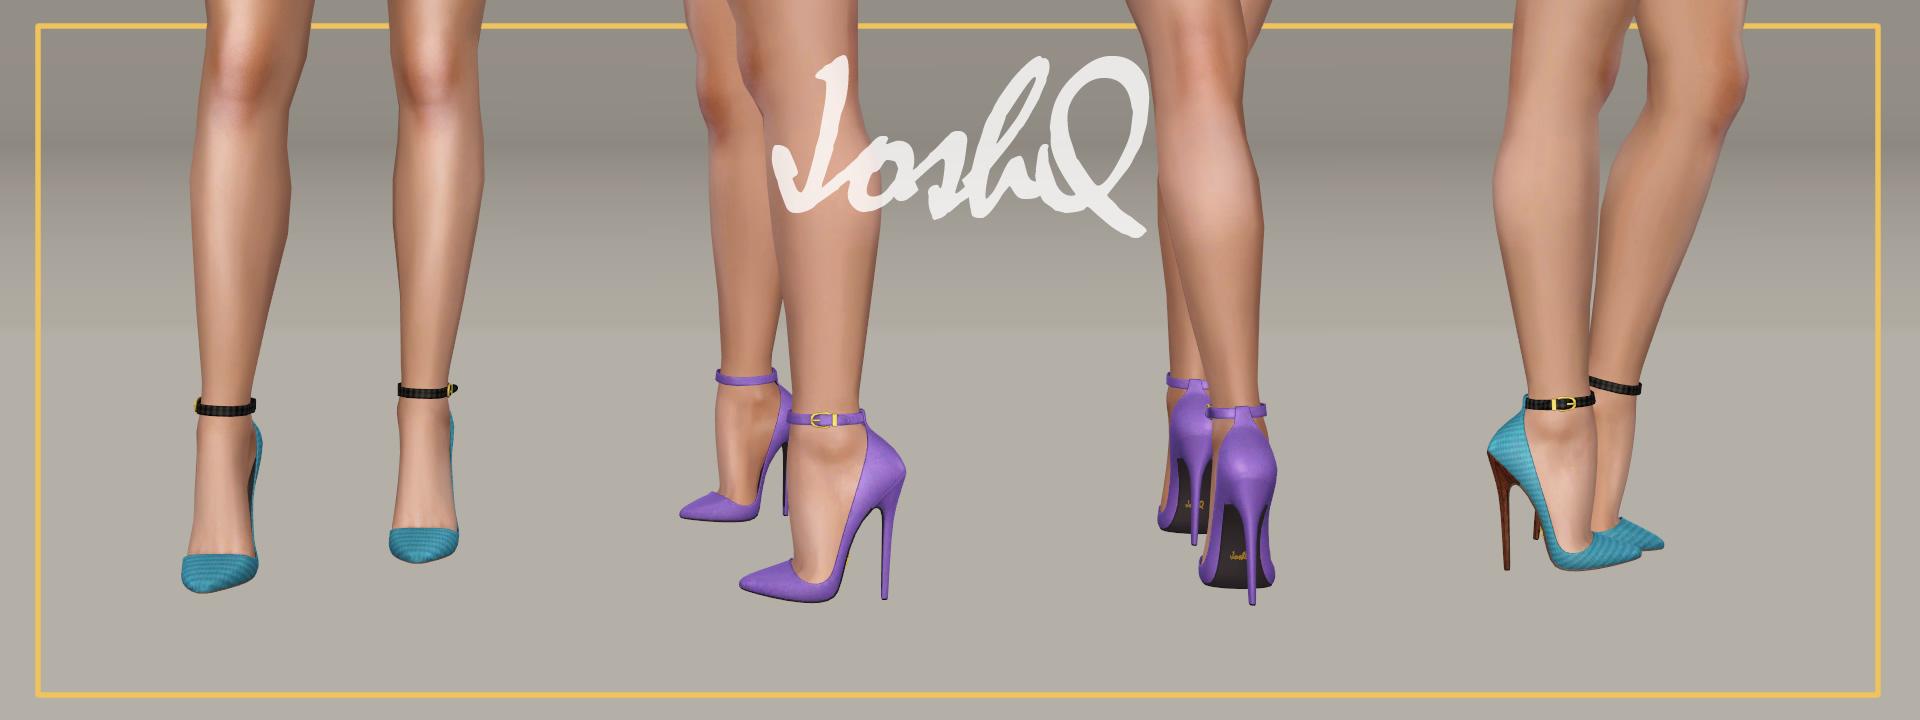 Impossible Heels 'Stoya'